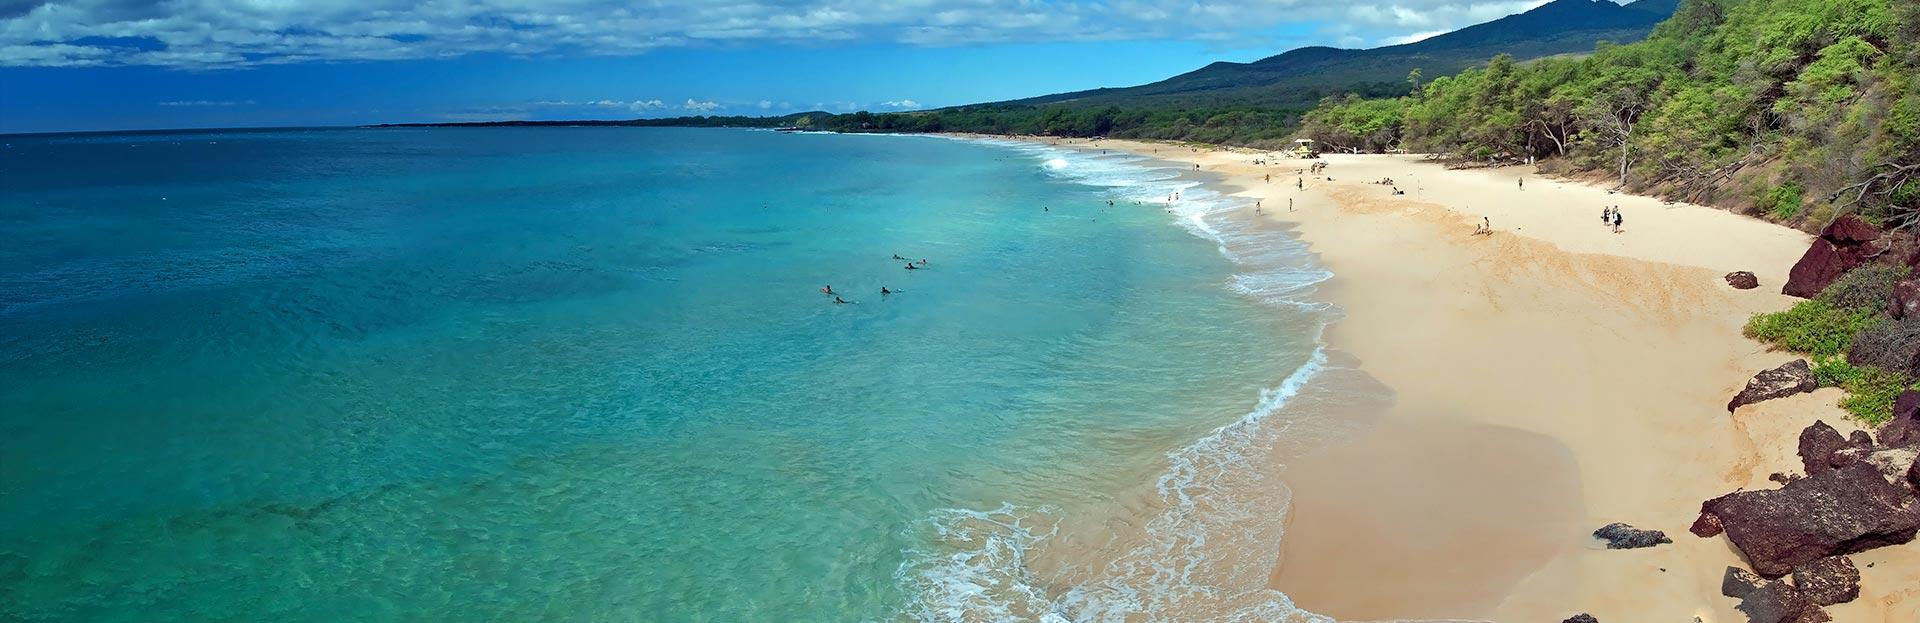 Maui Vacations From Calgary 931